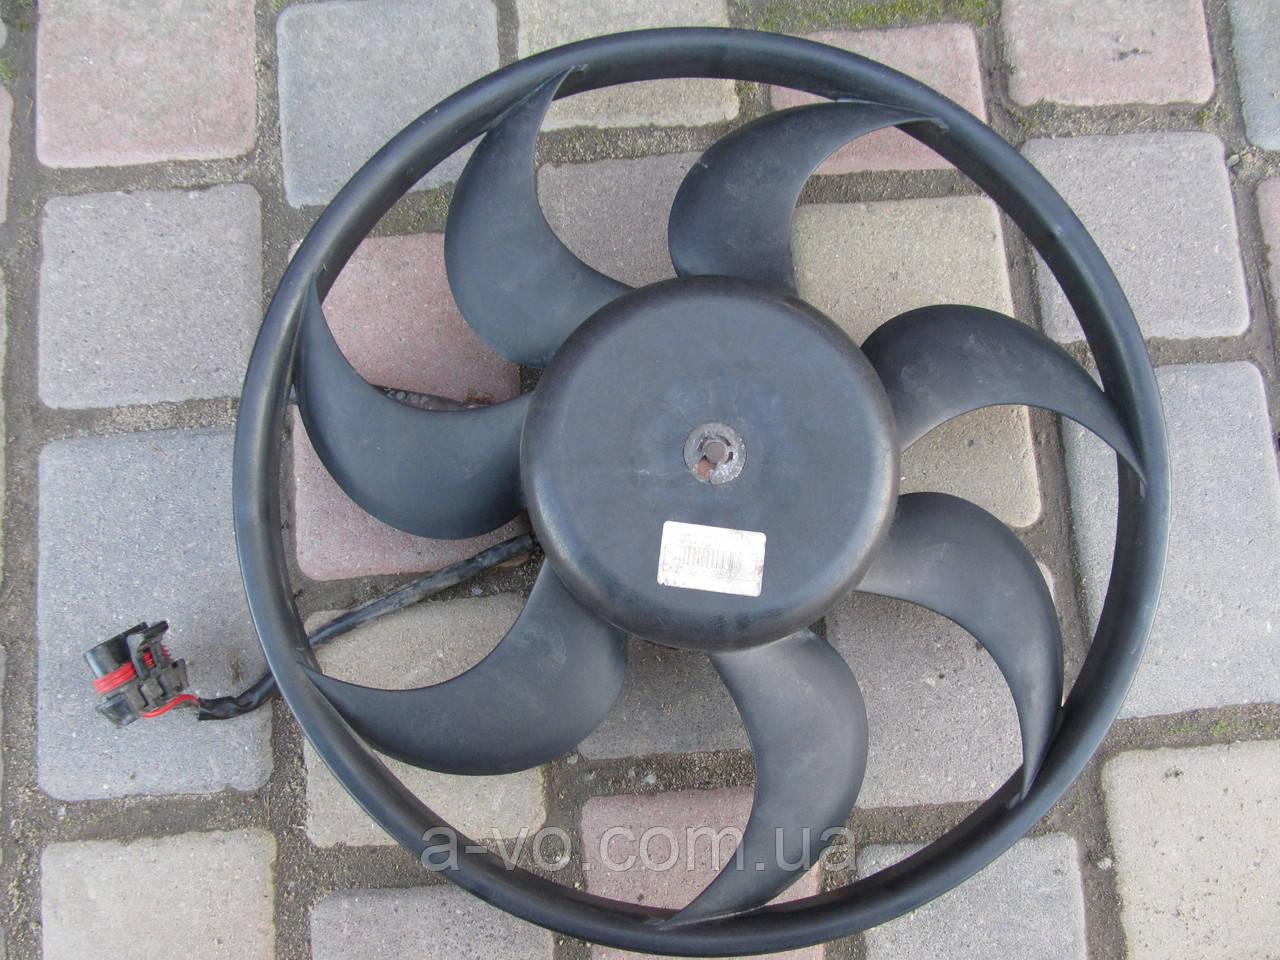 Вентилятор основного радиатора для Opel Vectra B, 90499672, 0130303217